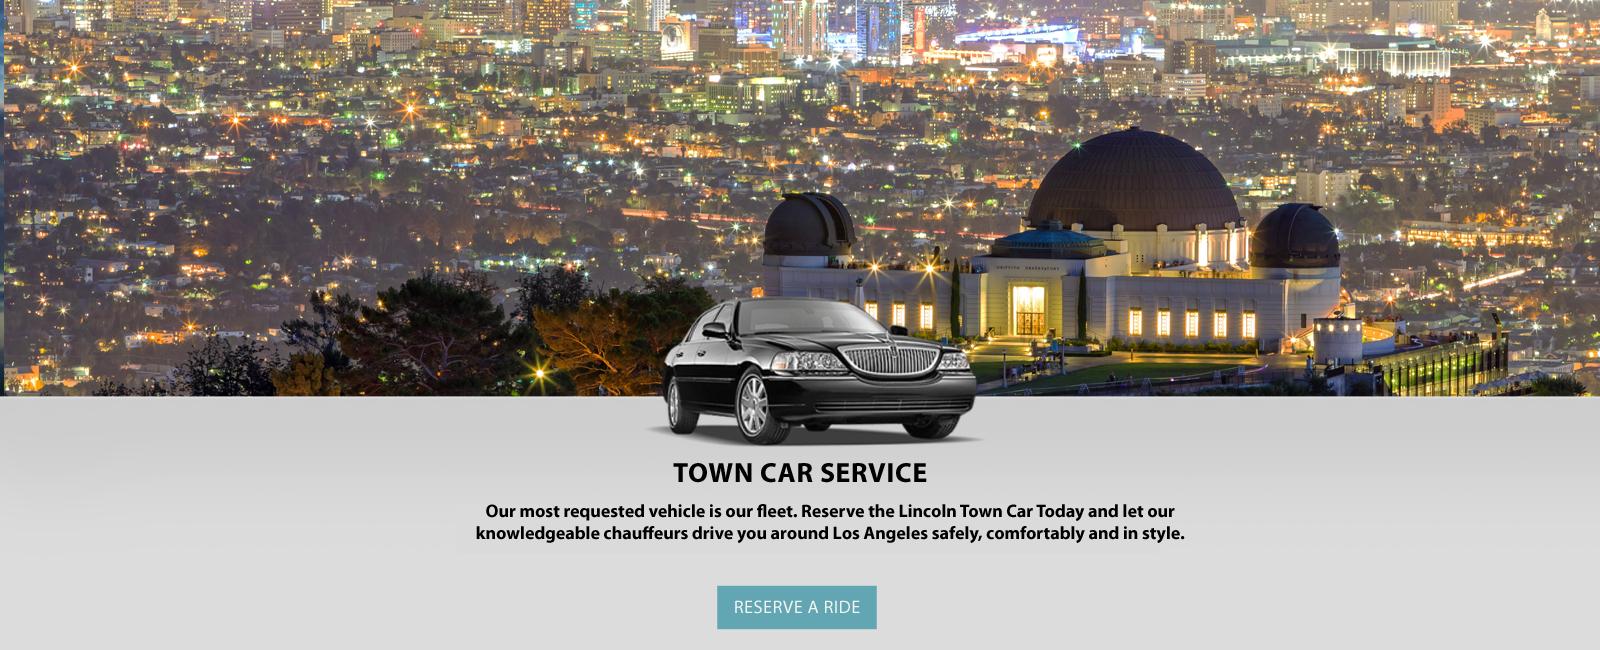 town-car-service